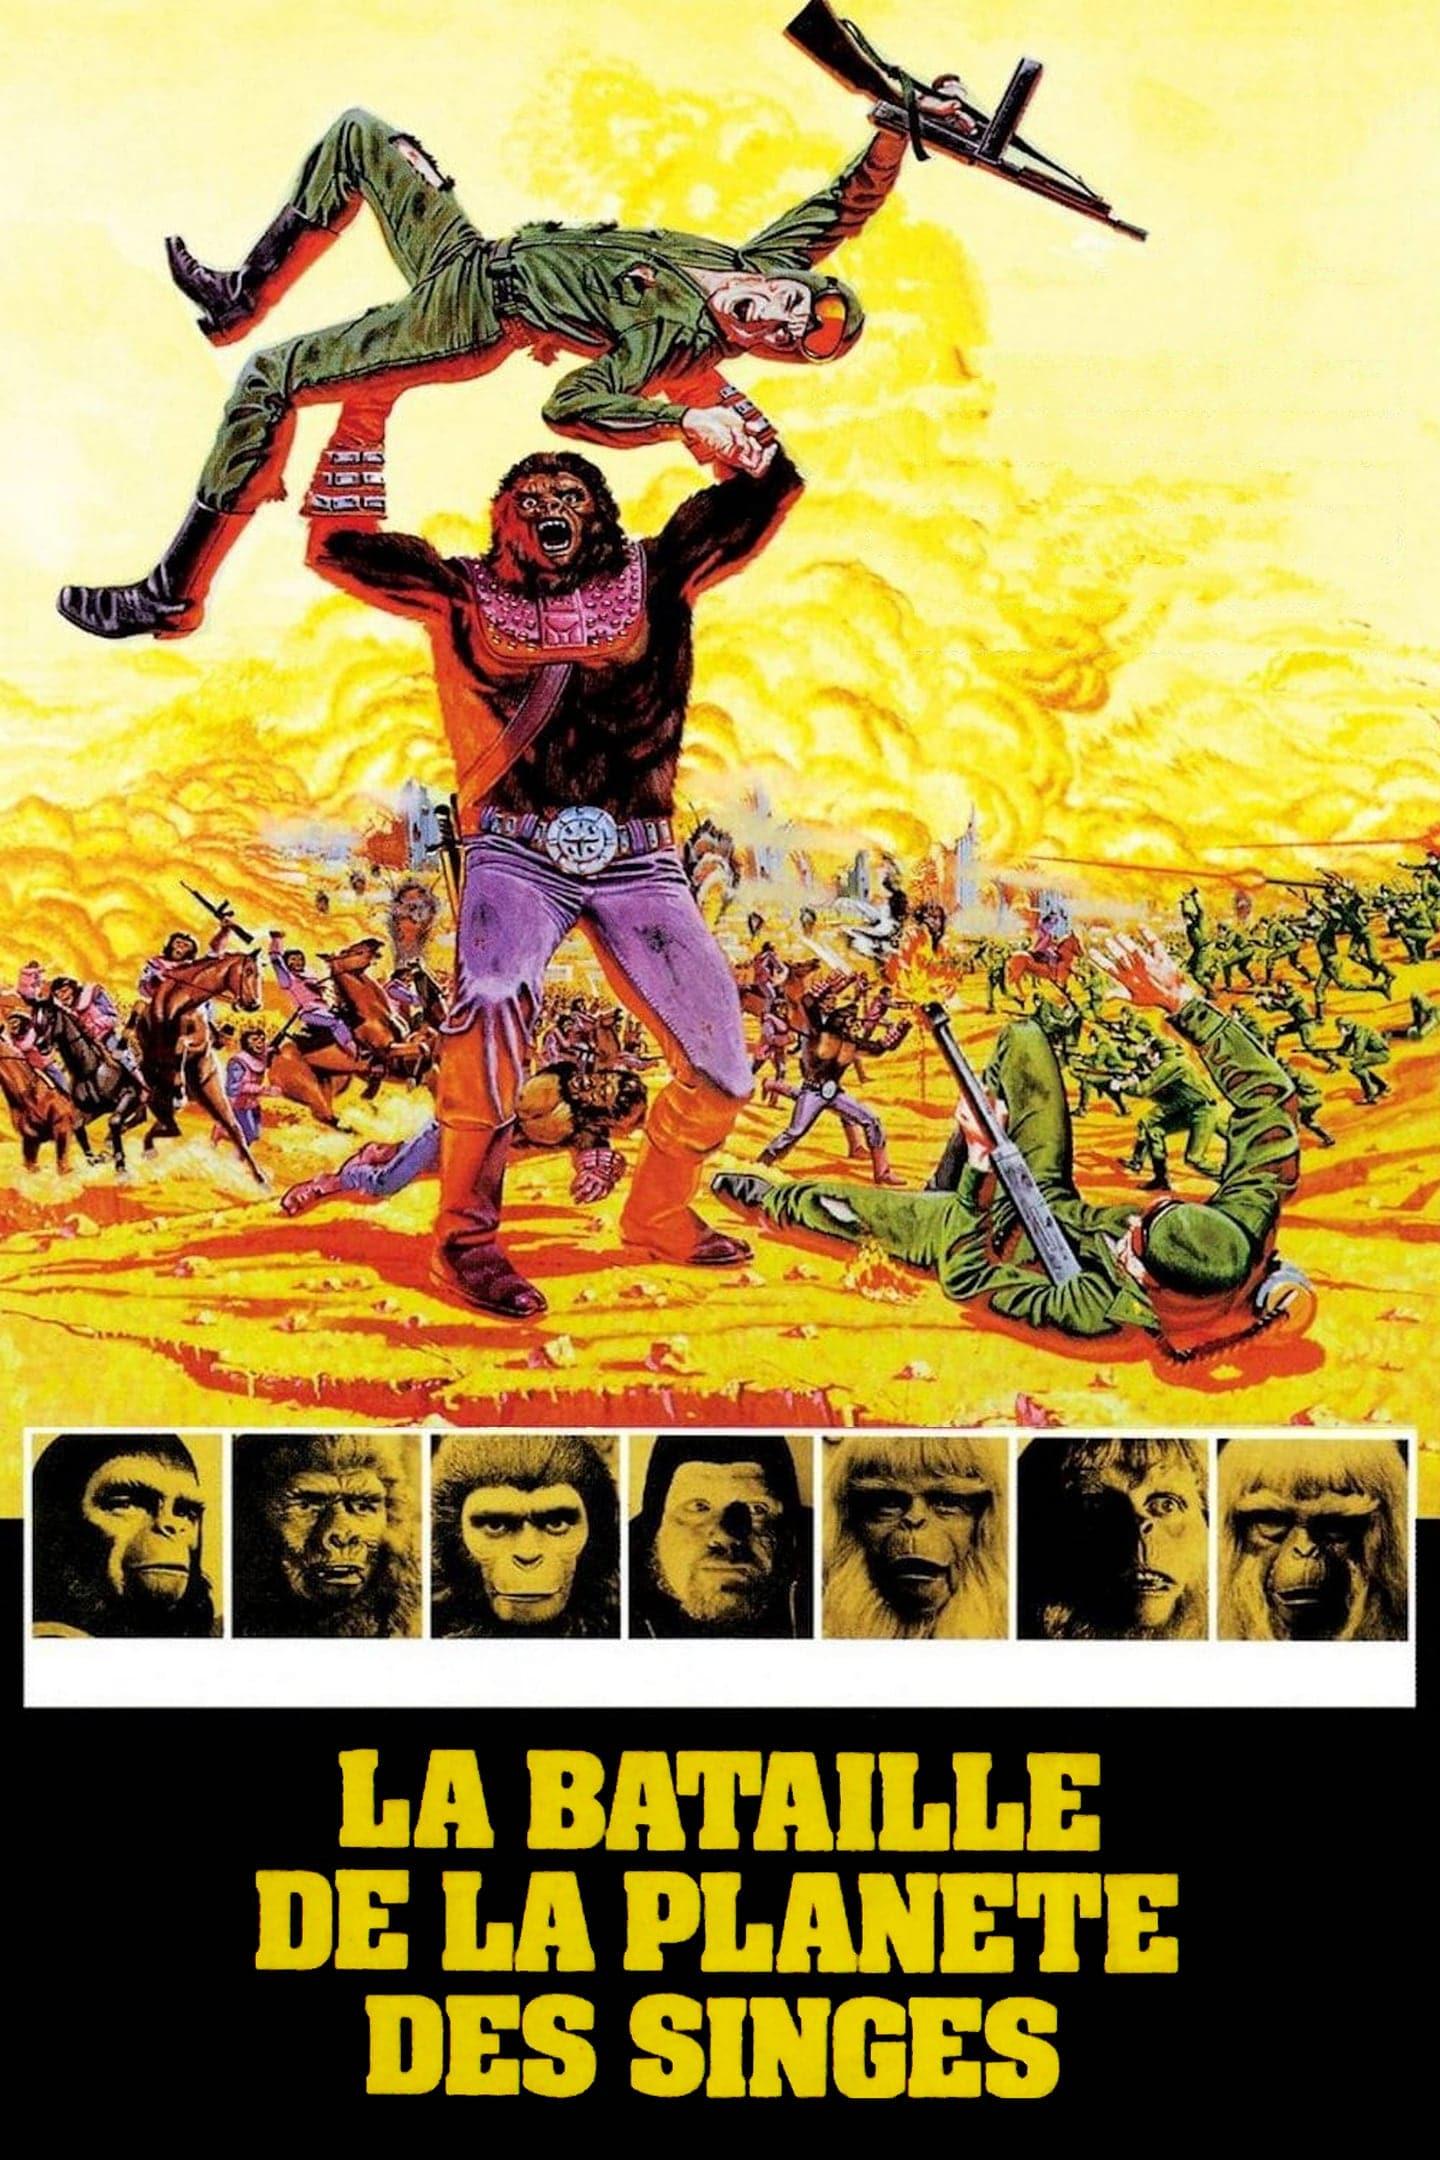 Regarder La bataille de la planète des singes en streaming gratuit